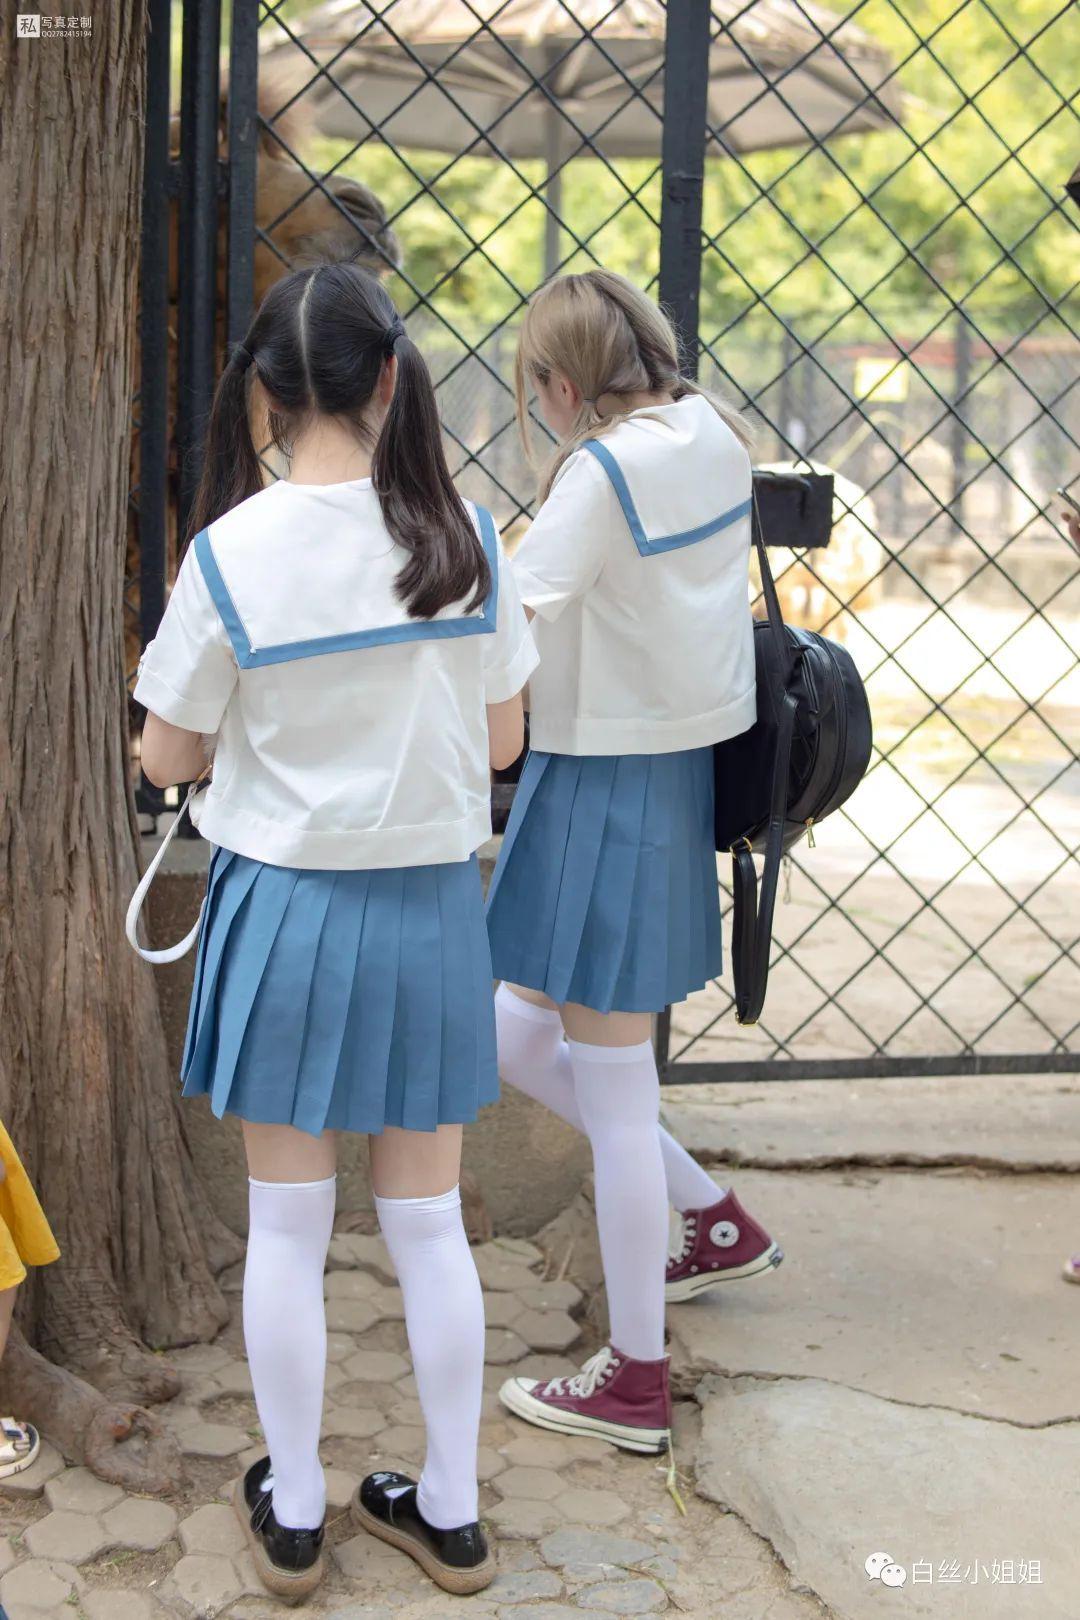 妹子摄影 – 白丝袜JK制服萝莉成对出现,双倍快乐!_图片 No.7